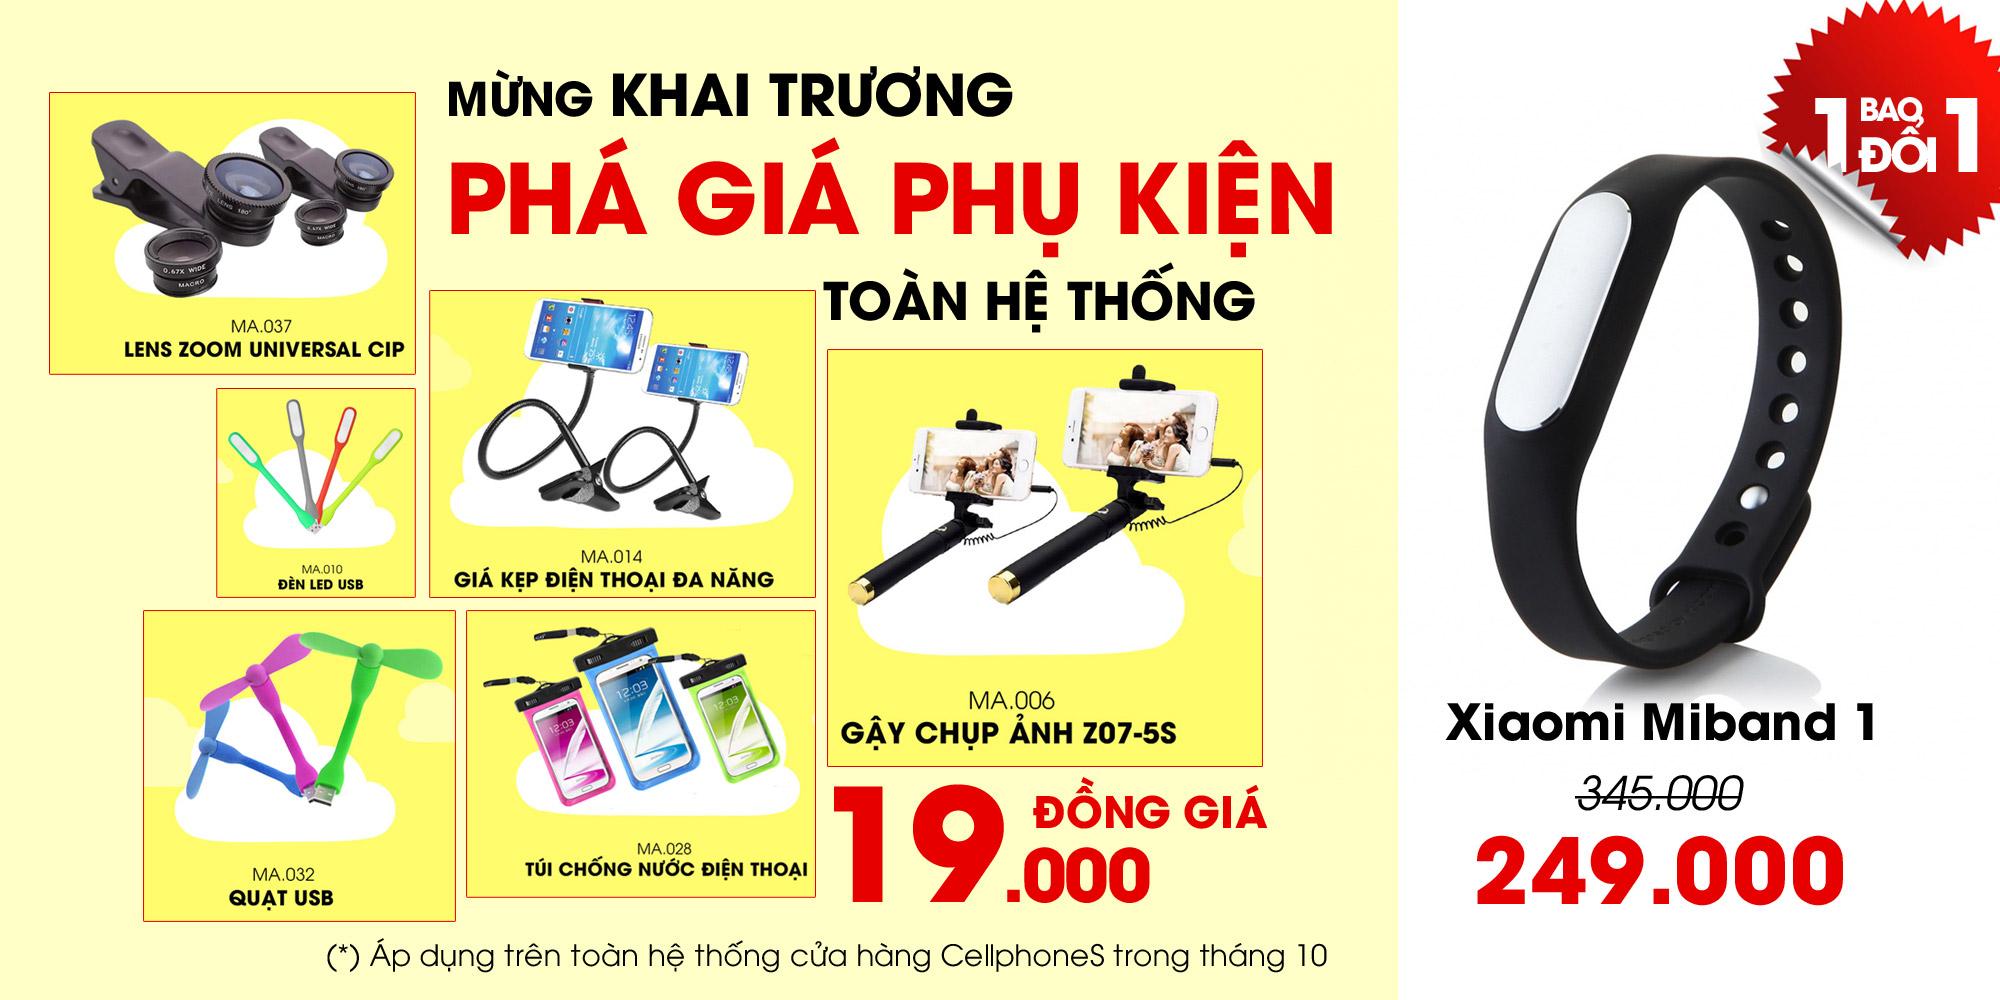 Khai trương CellphoneS 125 Lê Văn Việt